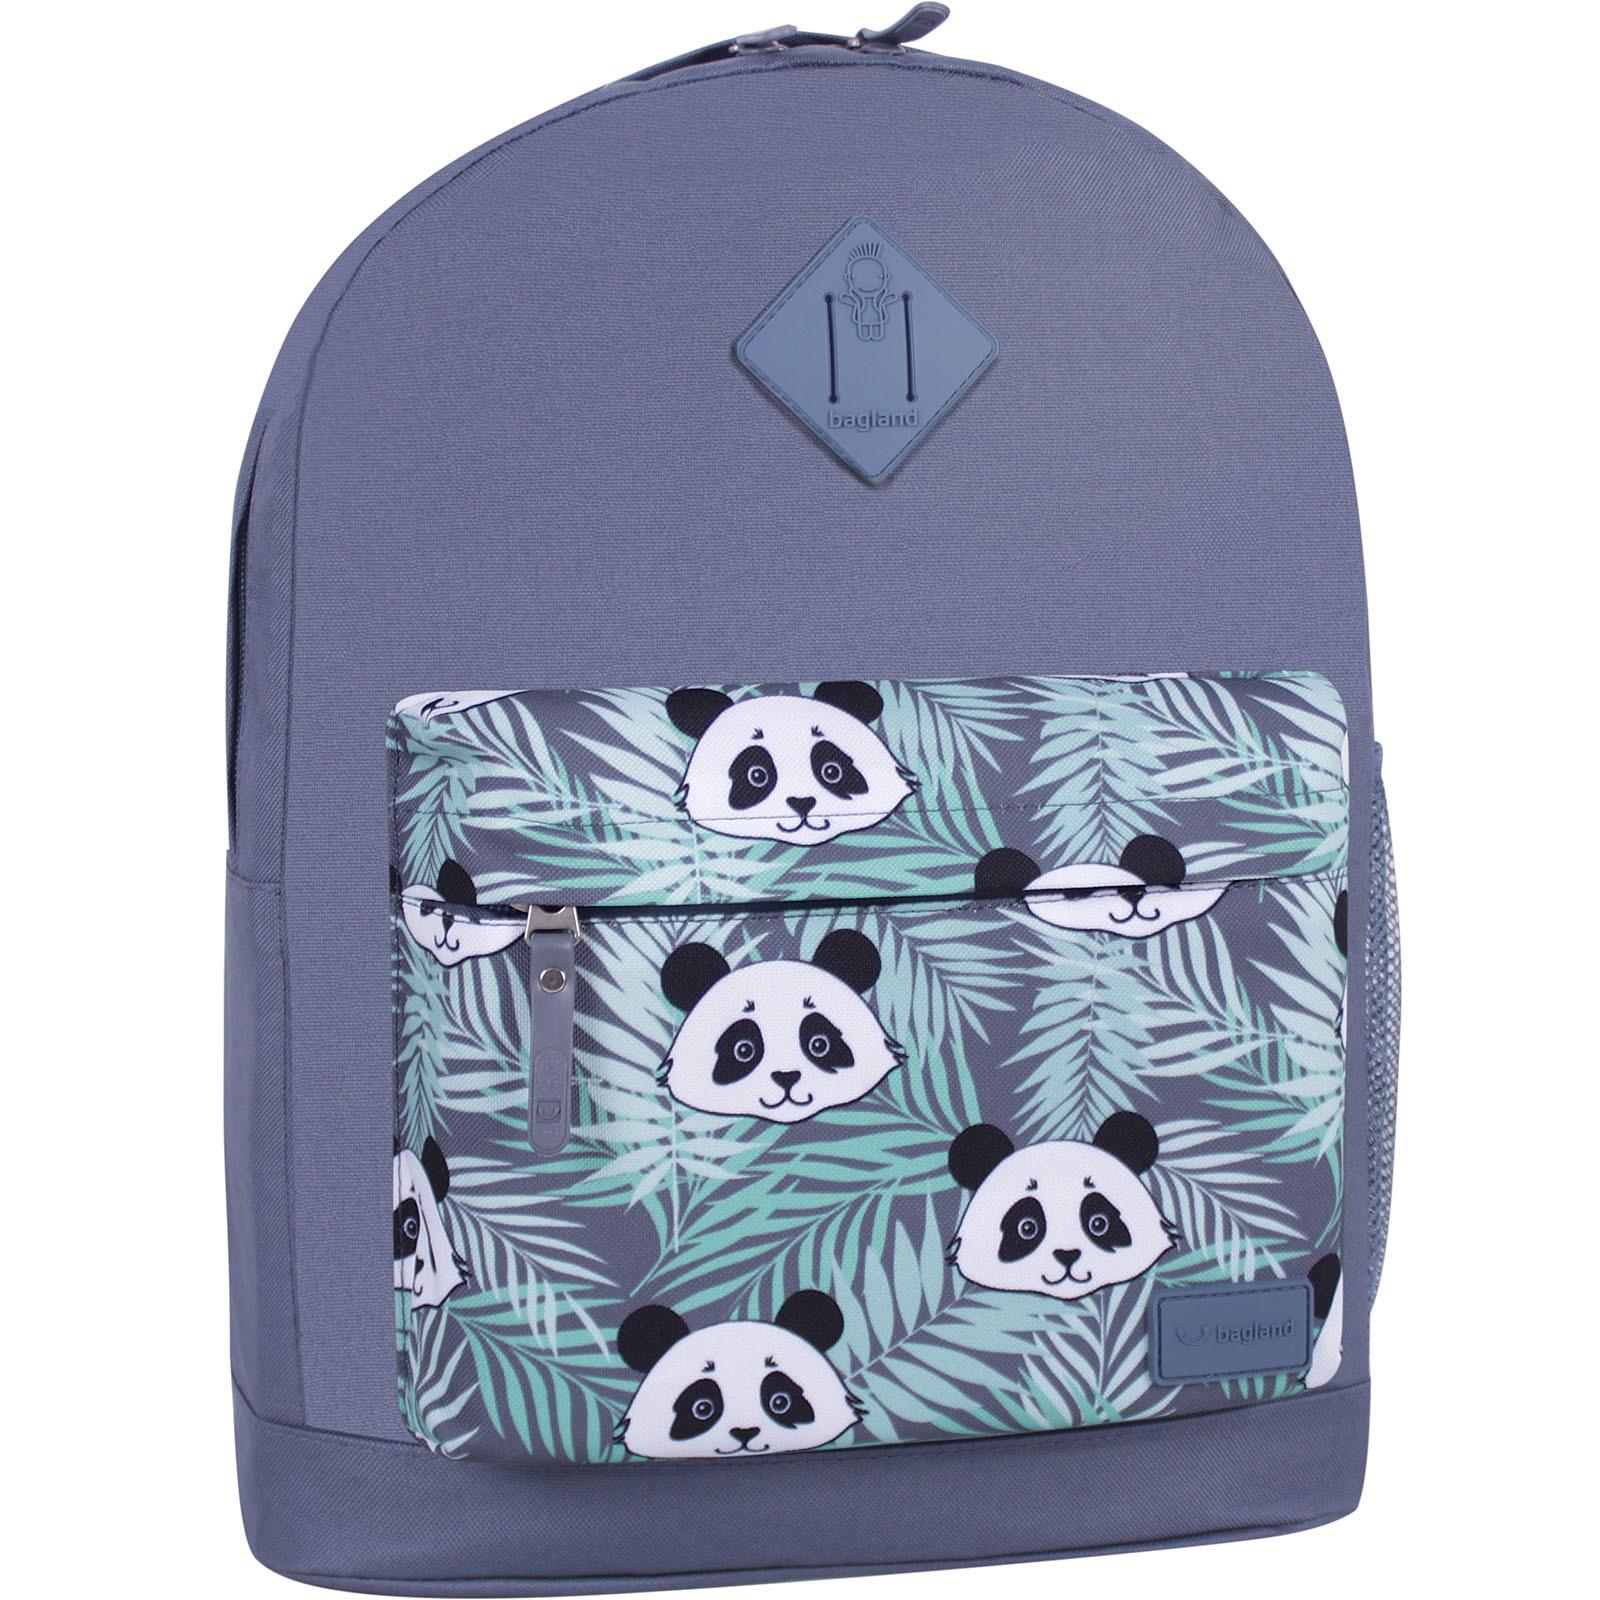 Молодежные рюкзаки Рюкзак Bagland Молодежный W/R 17 л. Серый 764 (00533662) IMG_6481_суб.764_-1600.jpg